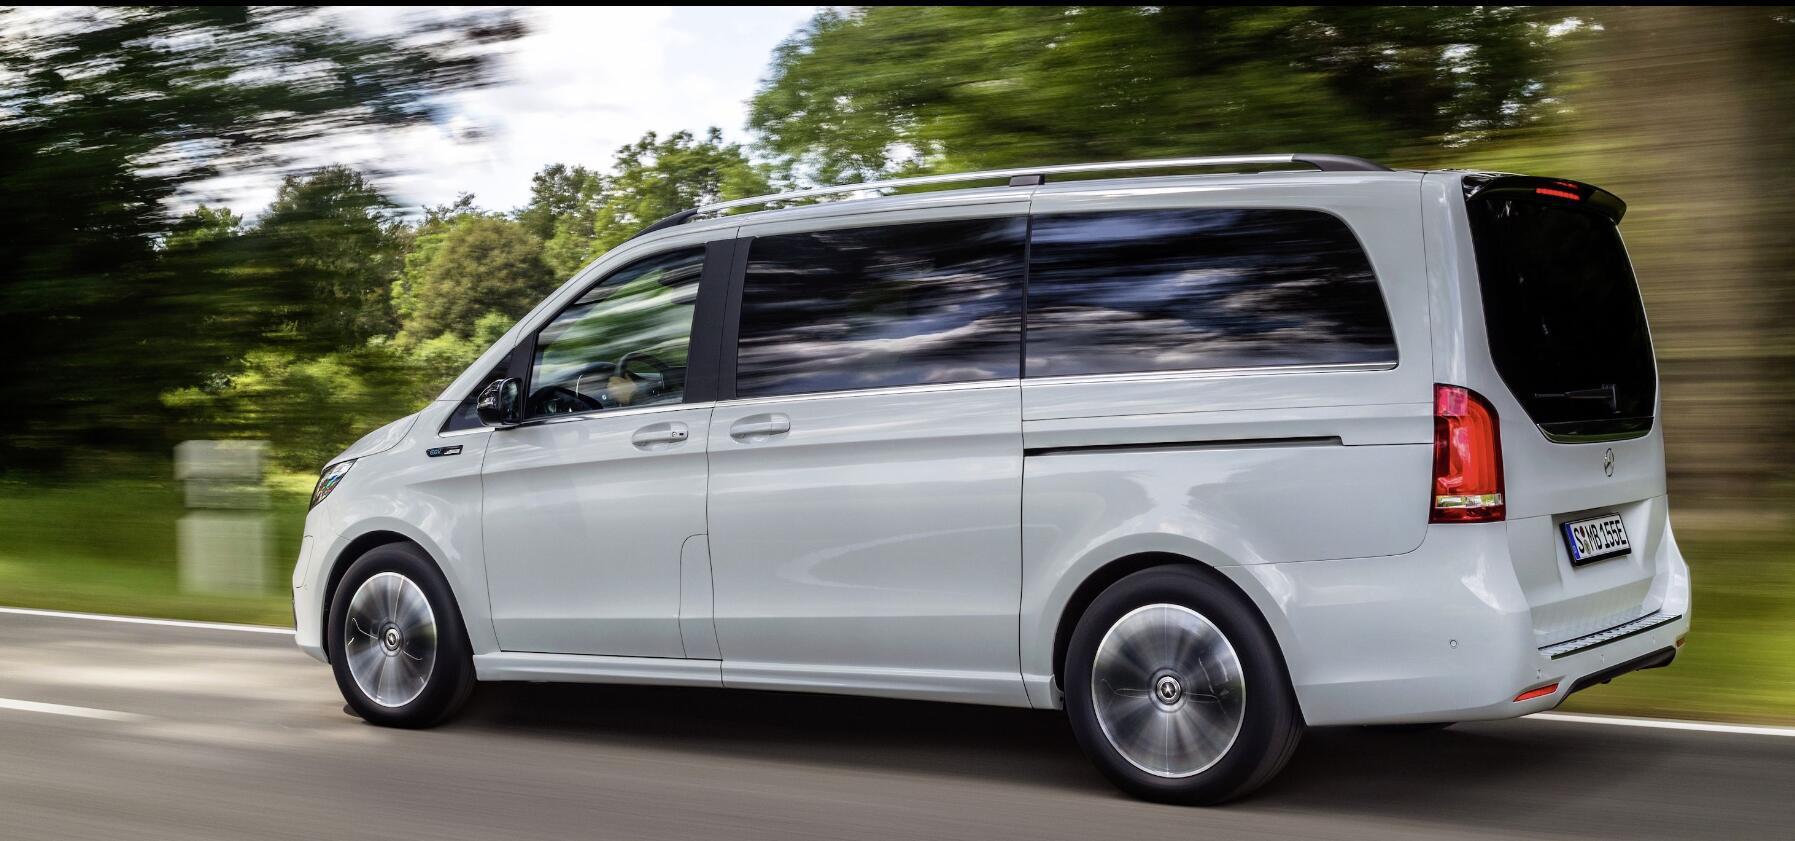 奔驰发布纯电动MPV 或将成为全球首款纯电豪华MPV